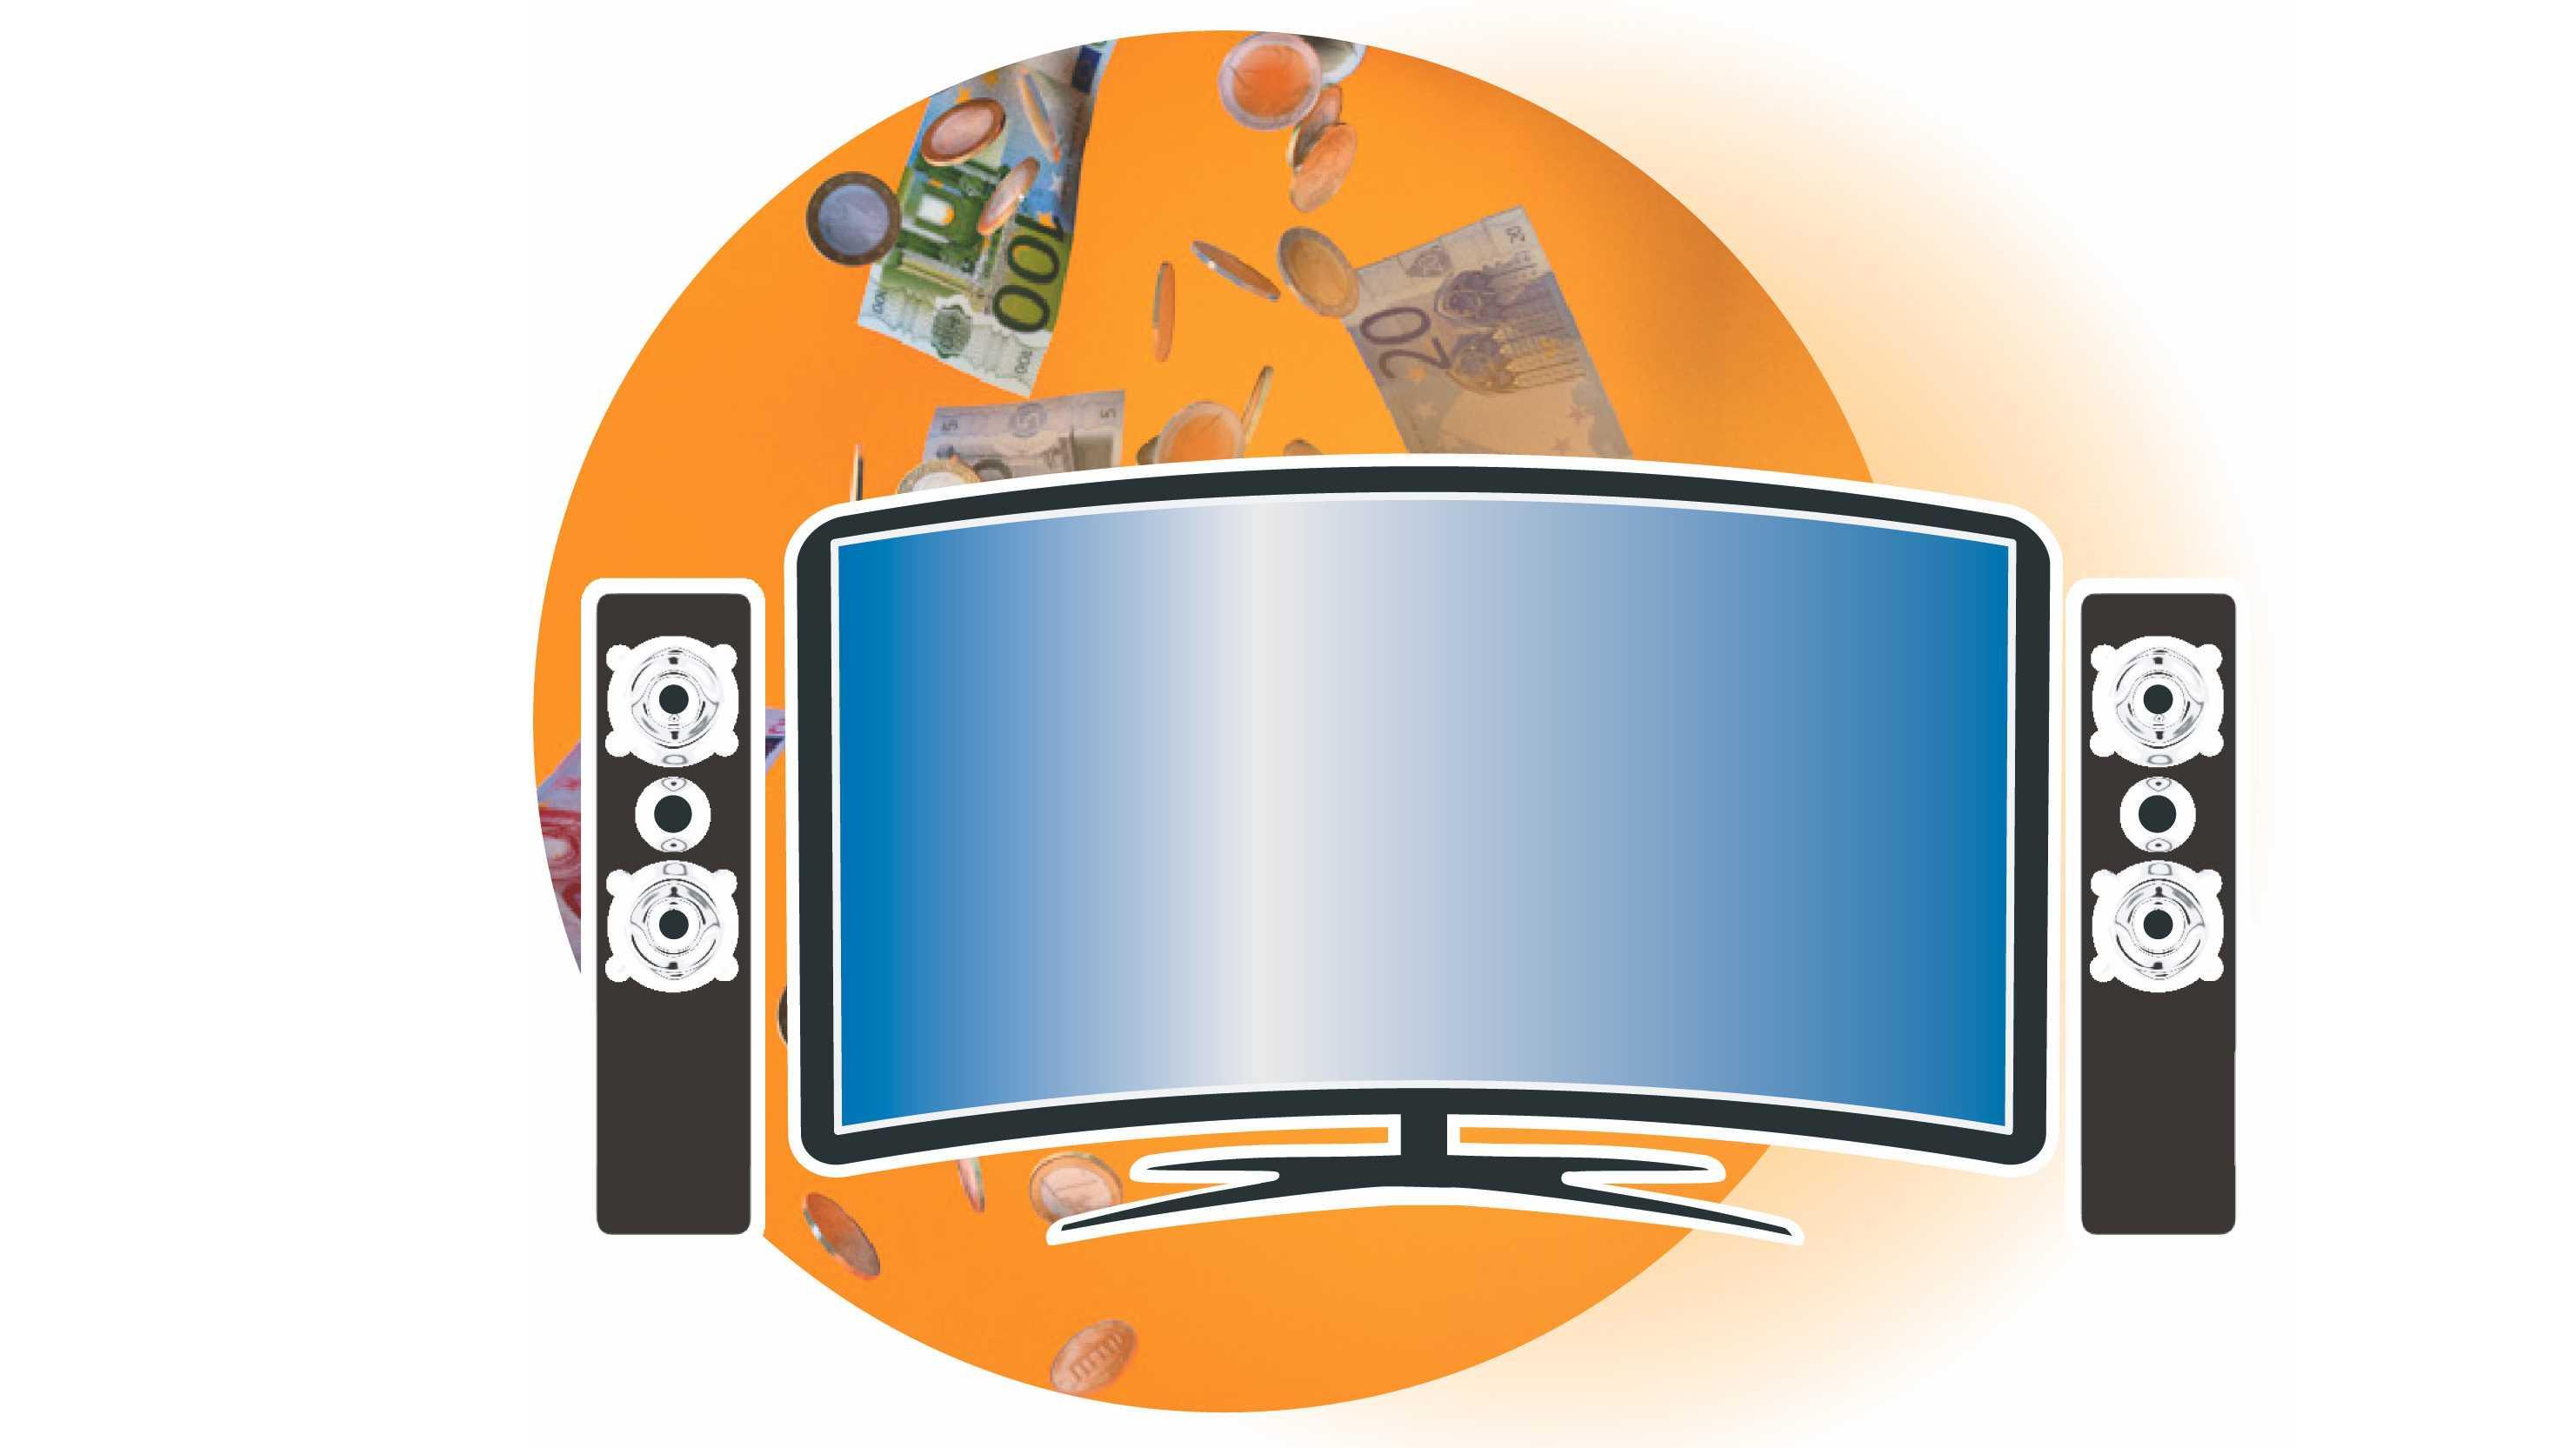 Wie sich der Energieverbrauch von Unterhaltungselektronik mindern lässt